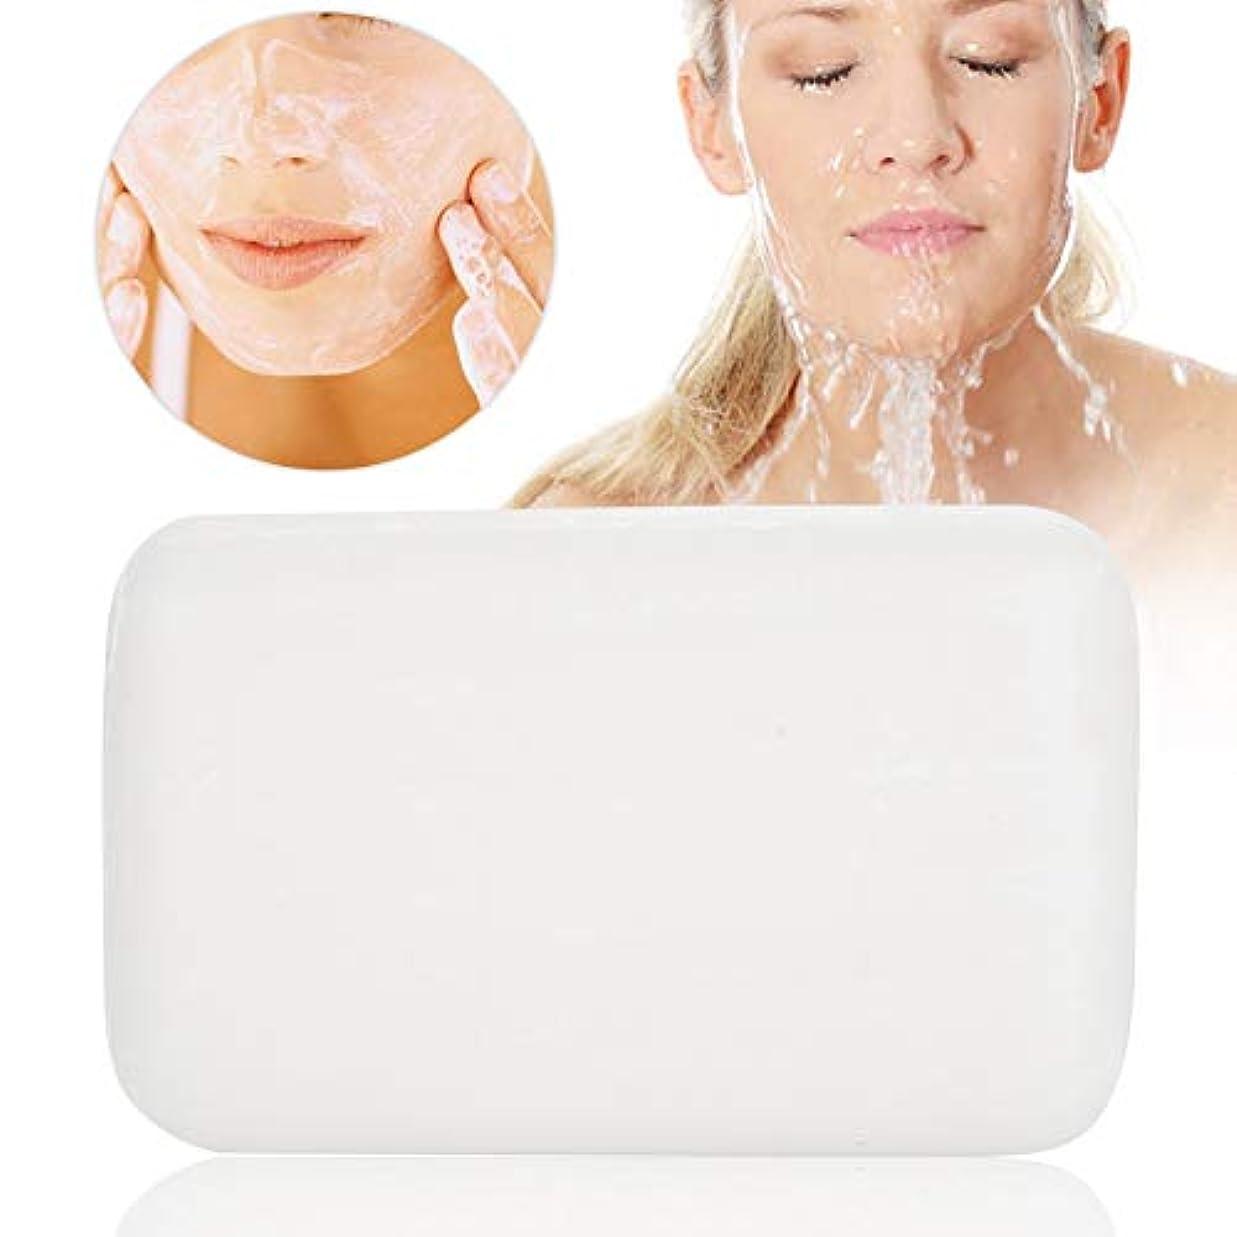 拡声器主観的ユニークな洗顔石鹸 石鹸 シミ取り! 洗顔石けん 無添加 低刺激性 化粧石鹸(洗顔?全身用) せっけん バスサイズ